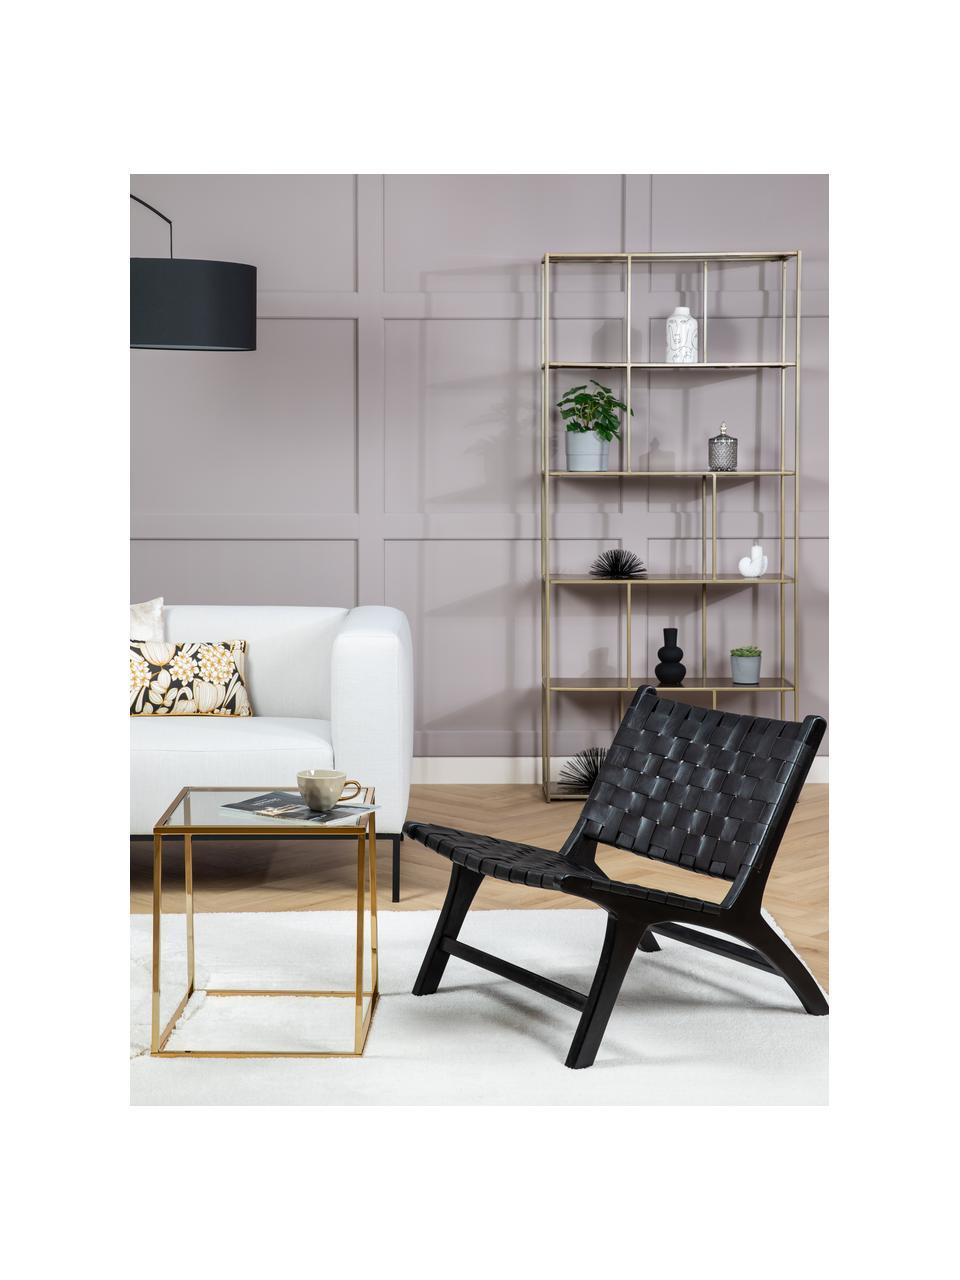 Leder-Loungesessel Calixta, Gestell: Mahagoniholz, Sitzfläche: Leder, Schwarz, B 65 x T 76 cm